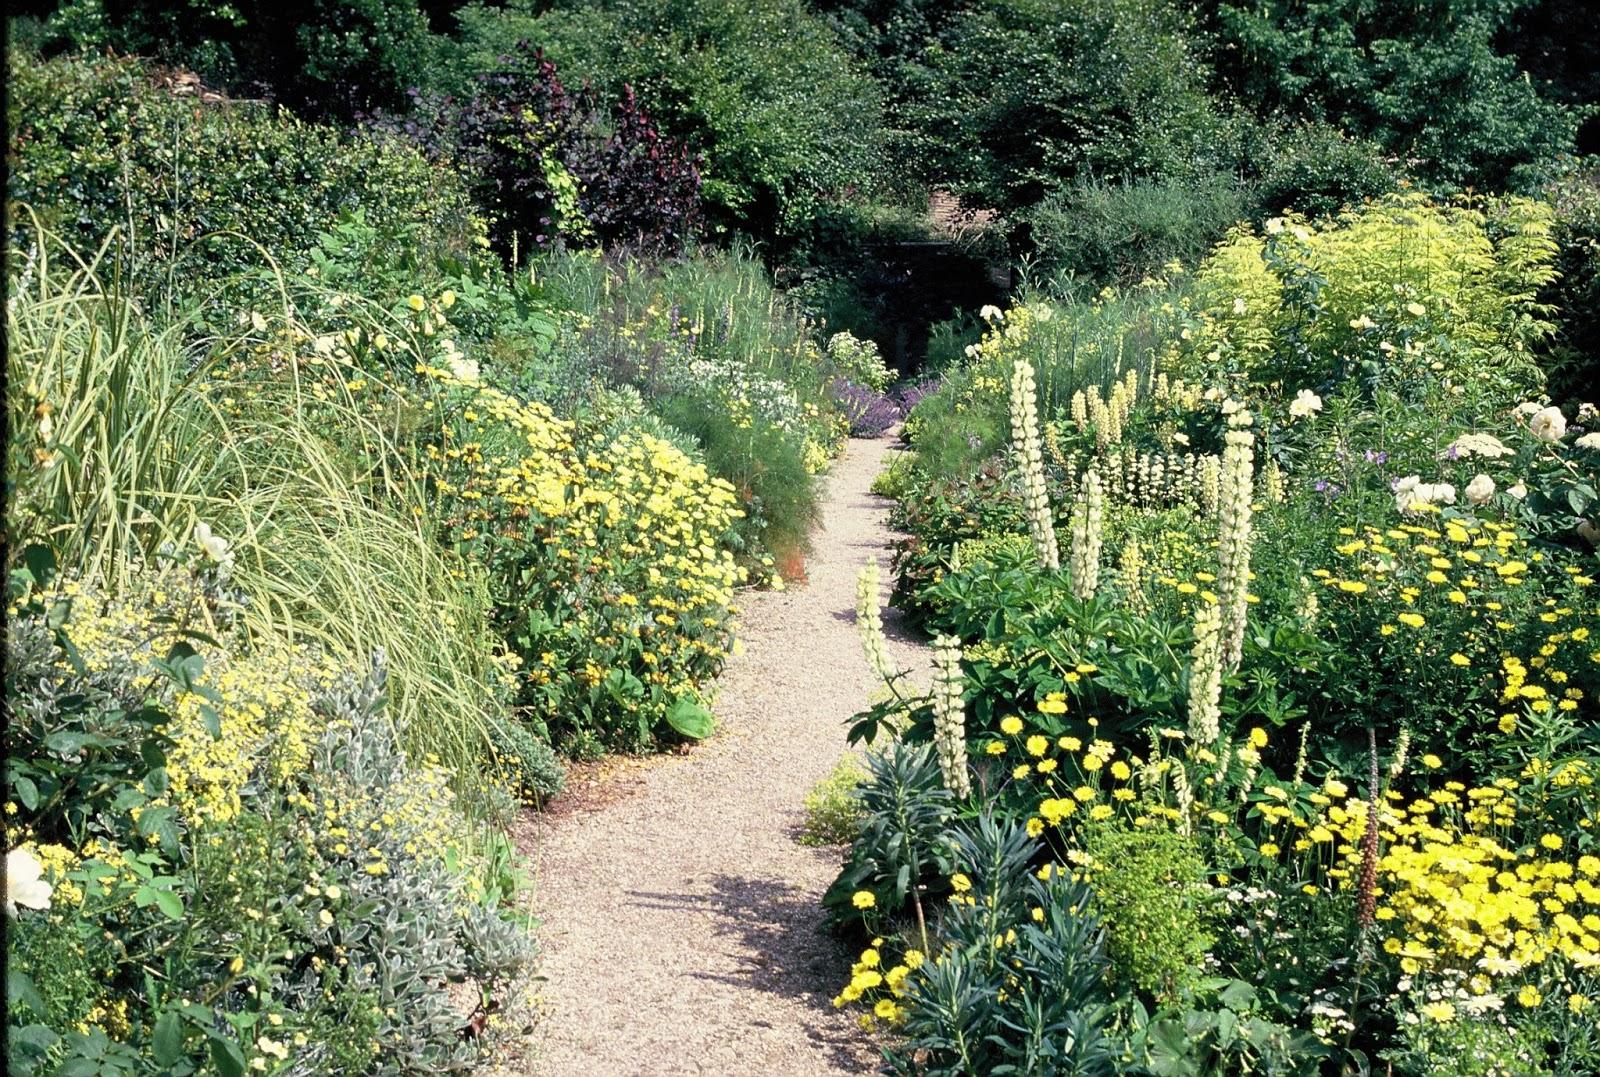 Traumgarten Gartenträume Hadspen Garden Teil II Die gelbe